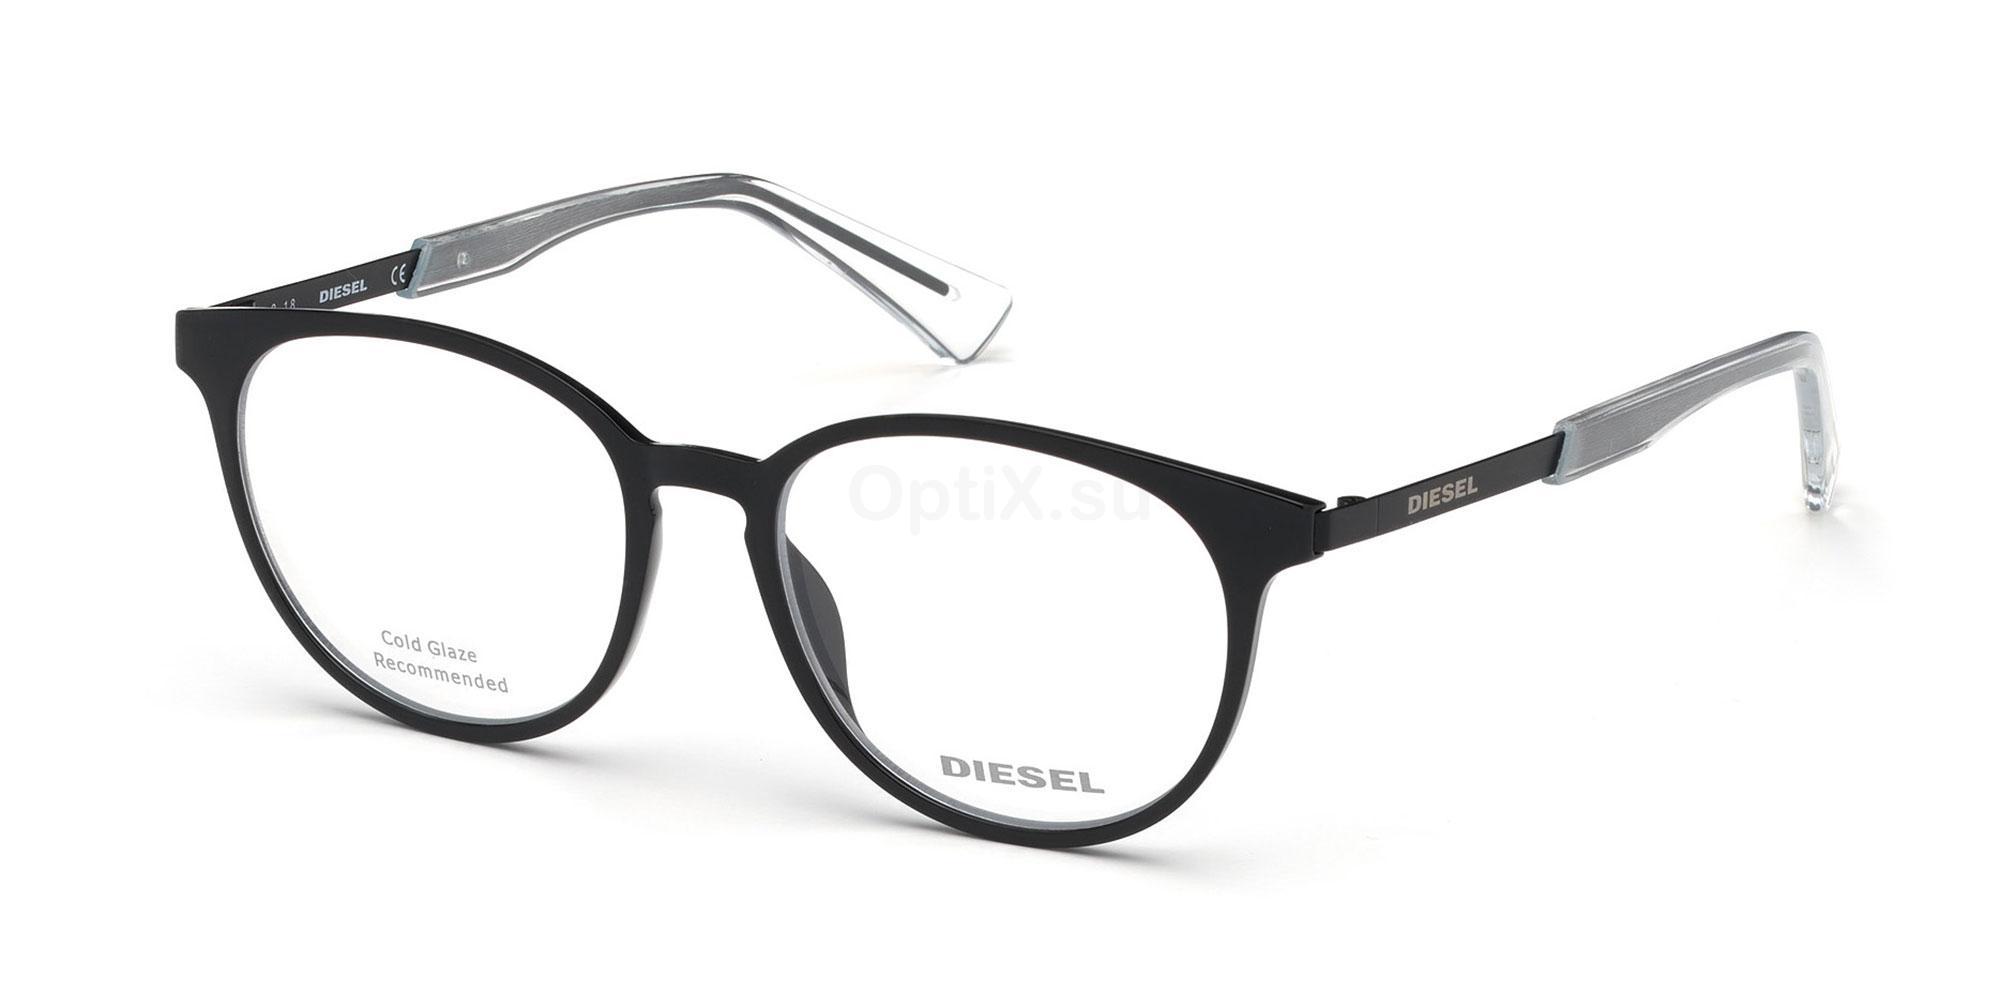 001 DL5289 Glasses, Diesel